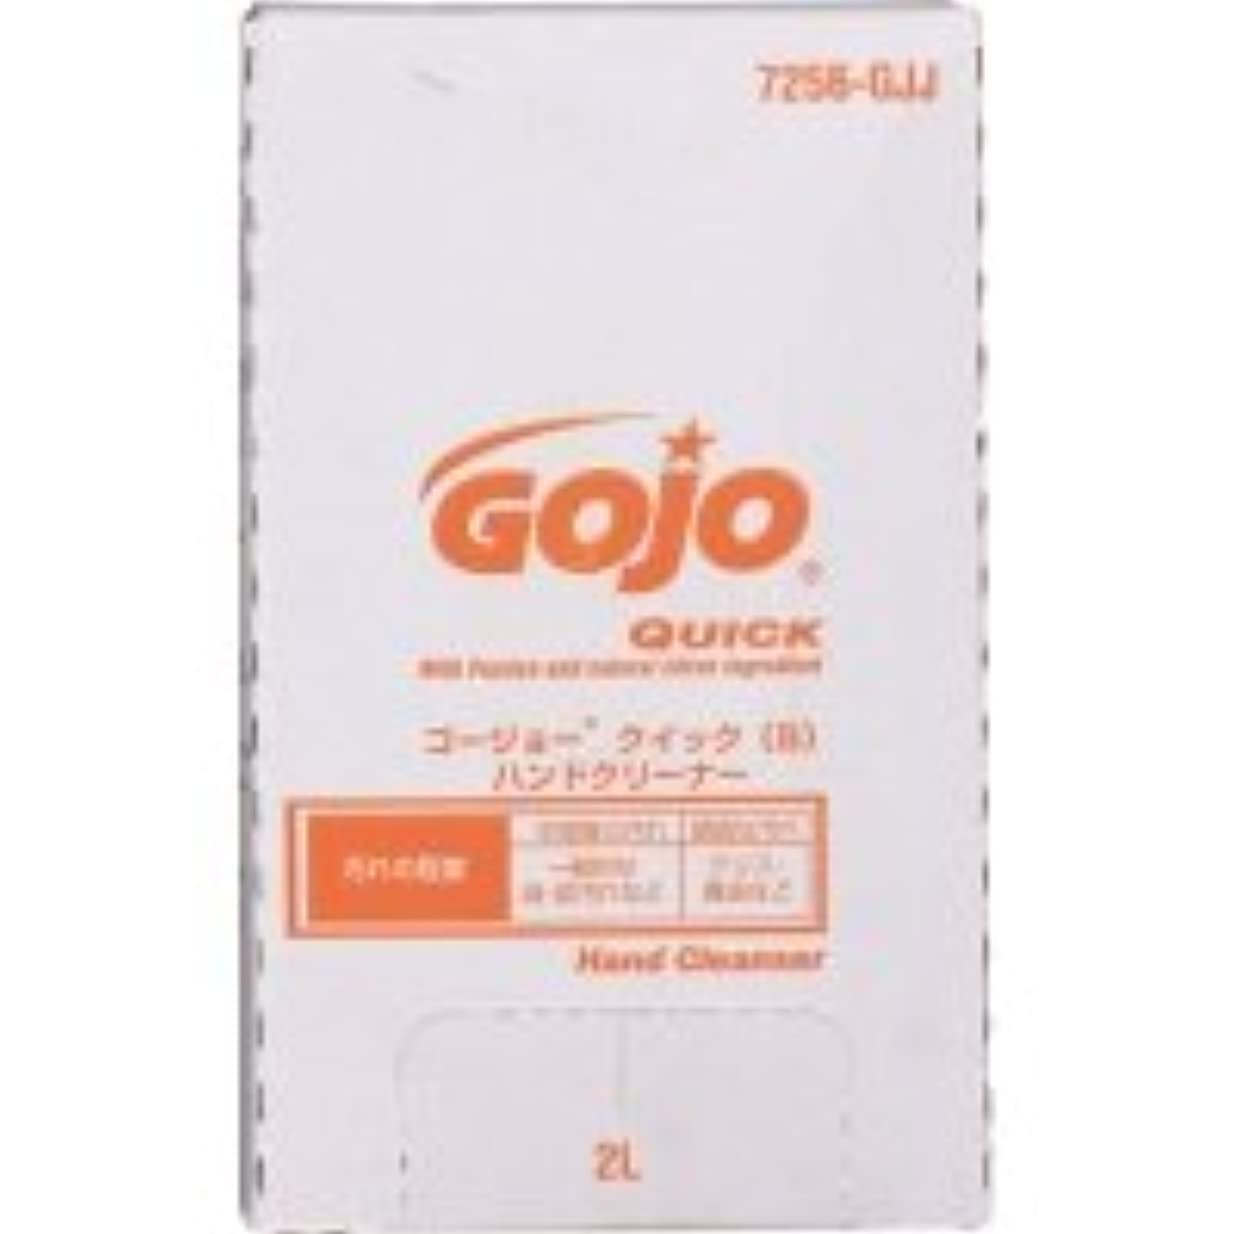 全員検閲バウンドGOJO クイック(S)ハンドクリーナー ディスペンサー用 2000ml 1個